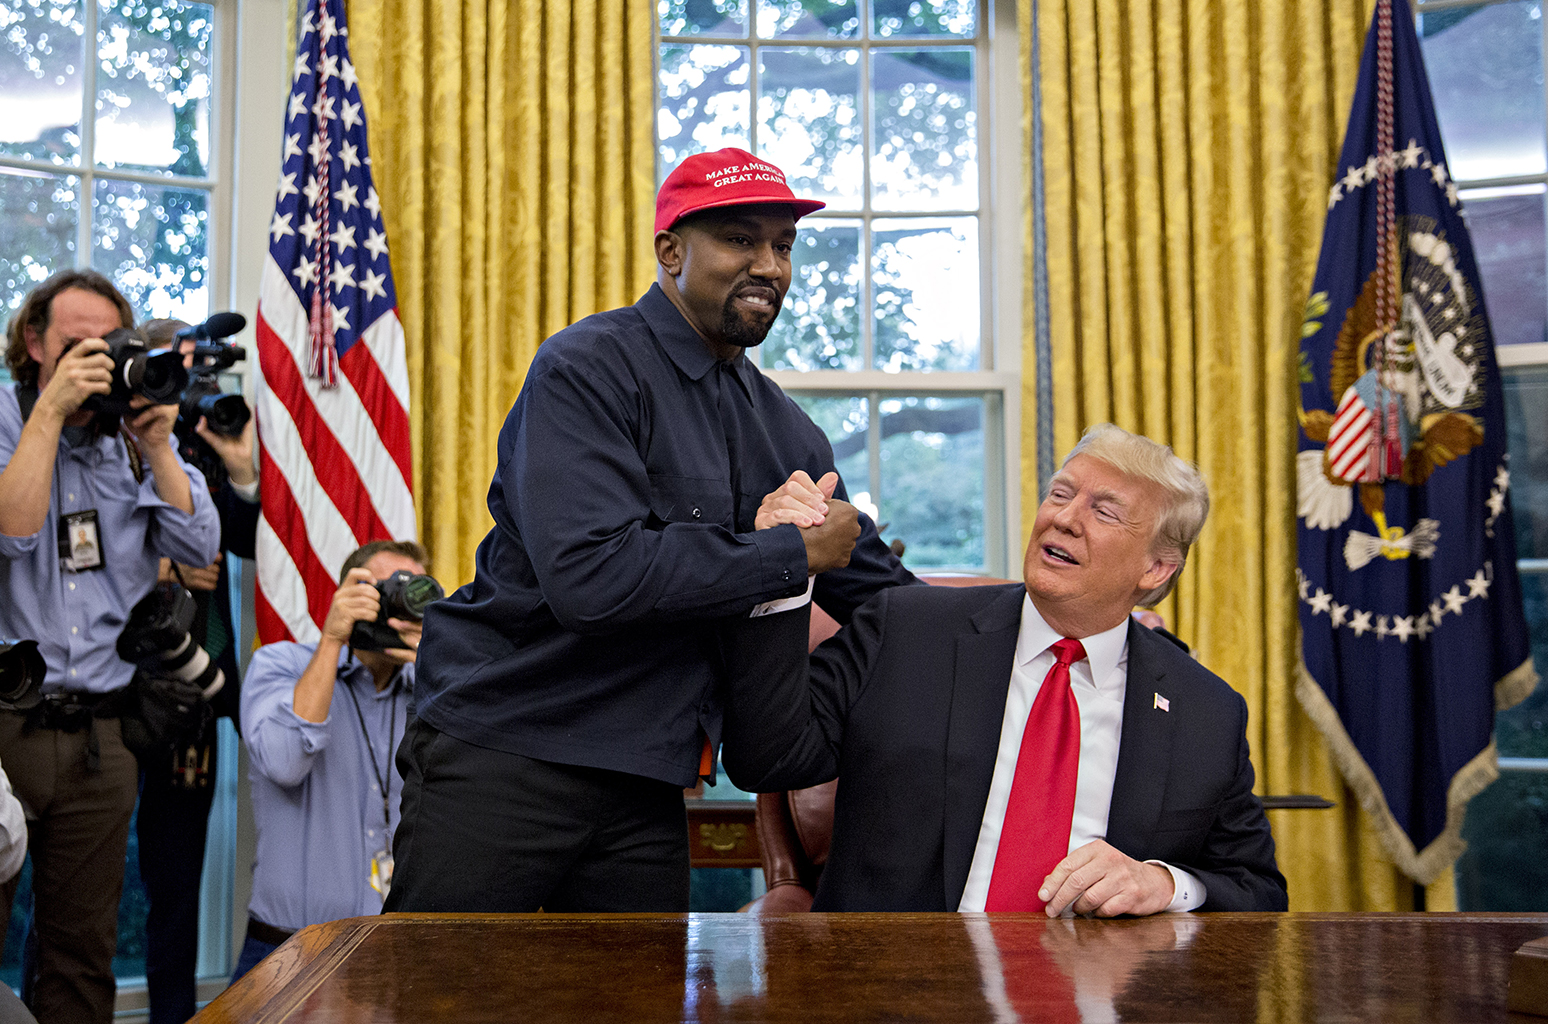 trump kanye west maga white house  billboard